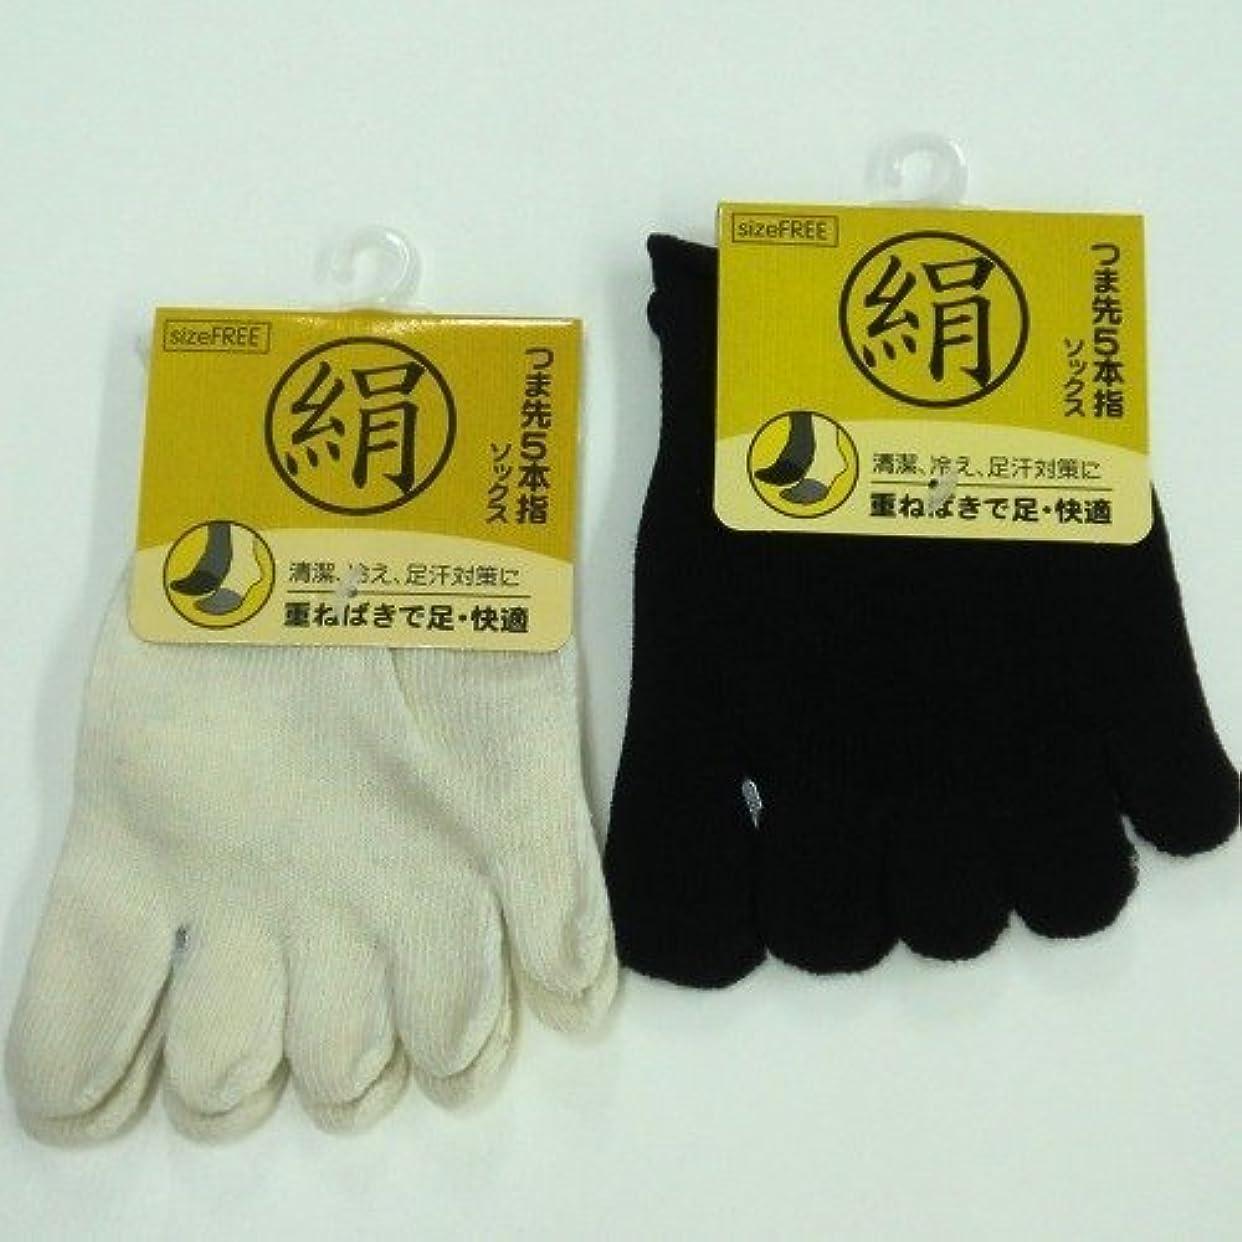 水を飲むアプローチ偏見シルク 5本指ハーフソックス 足指カバー 天然素材絹で抗菌防臭 4足組